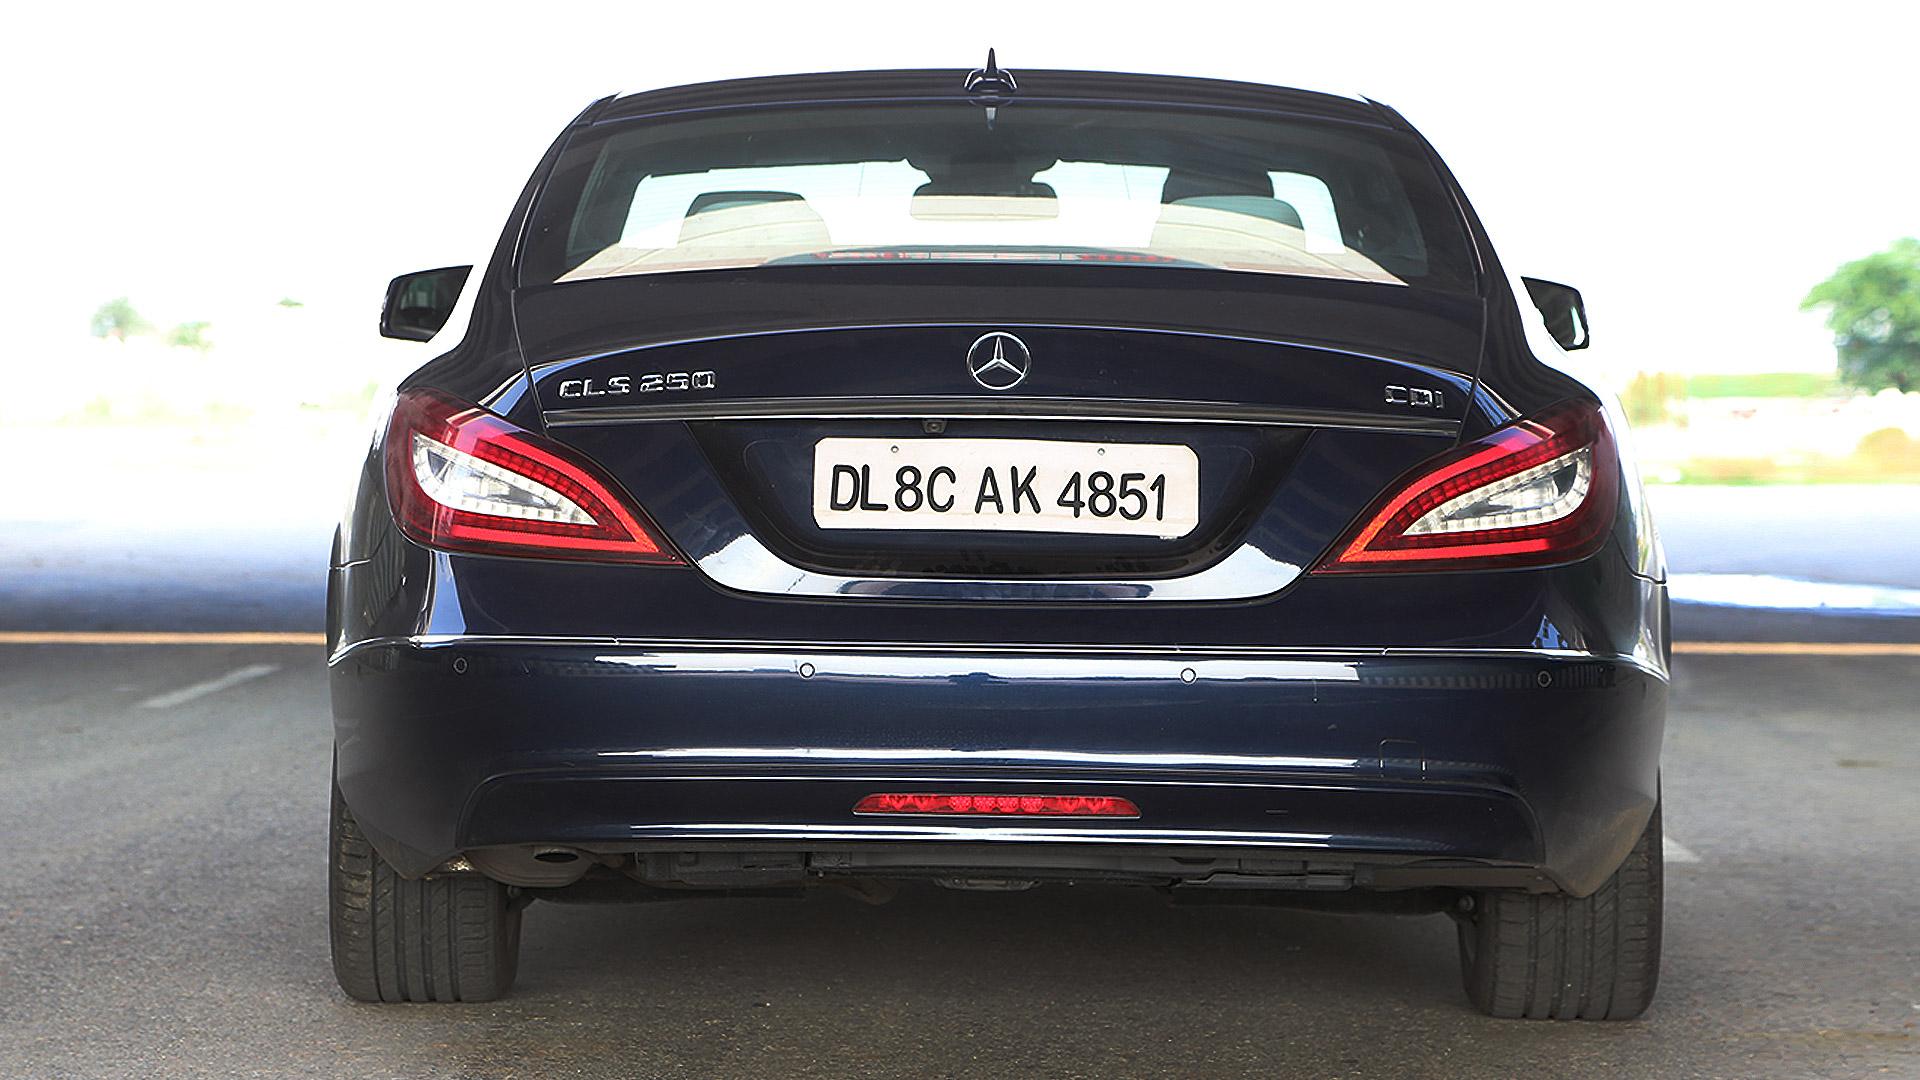 Mercedesbenz cls 2015 250 CDI Exterior